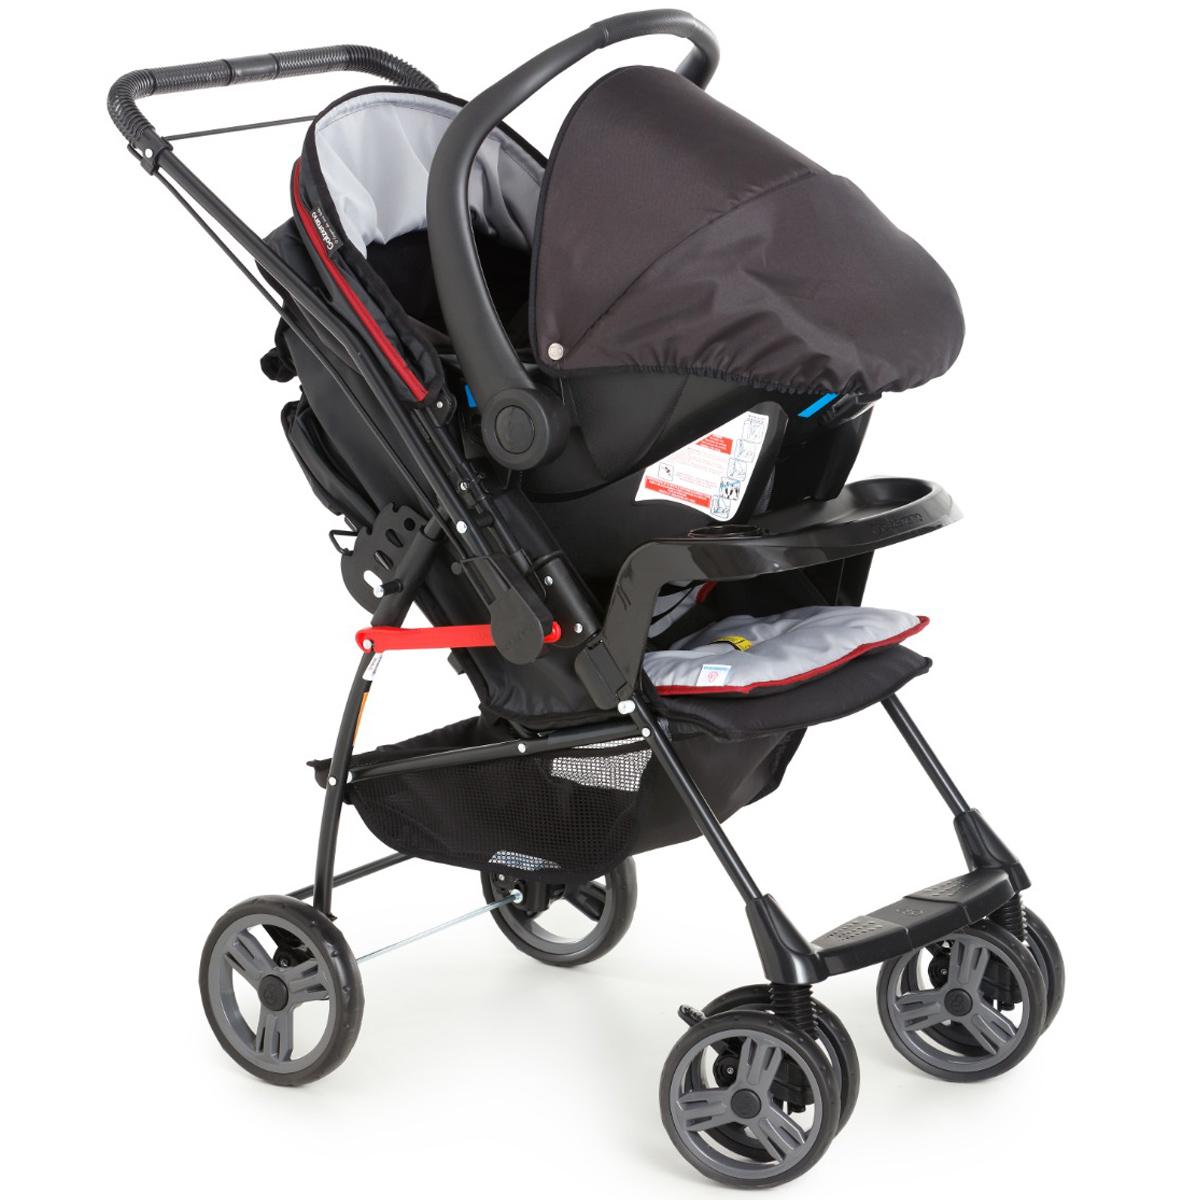 Kit Carrinho de Bebê Galzerano Até 15Kg Passeio Berço Alça Reversível Milano Preto + Bebê Conforto Cocoon